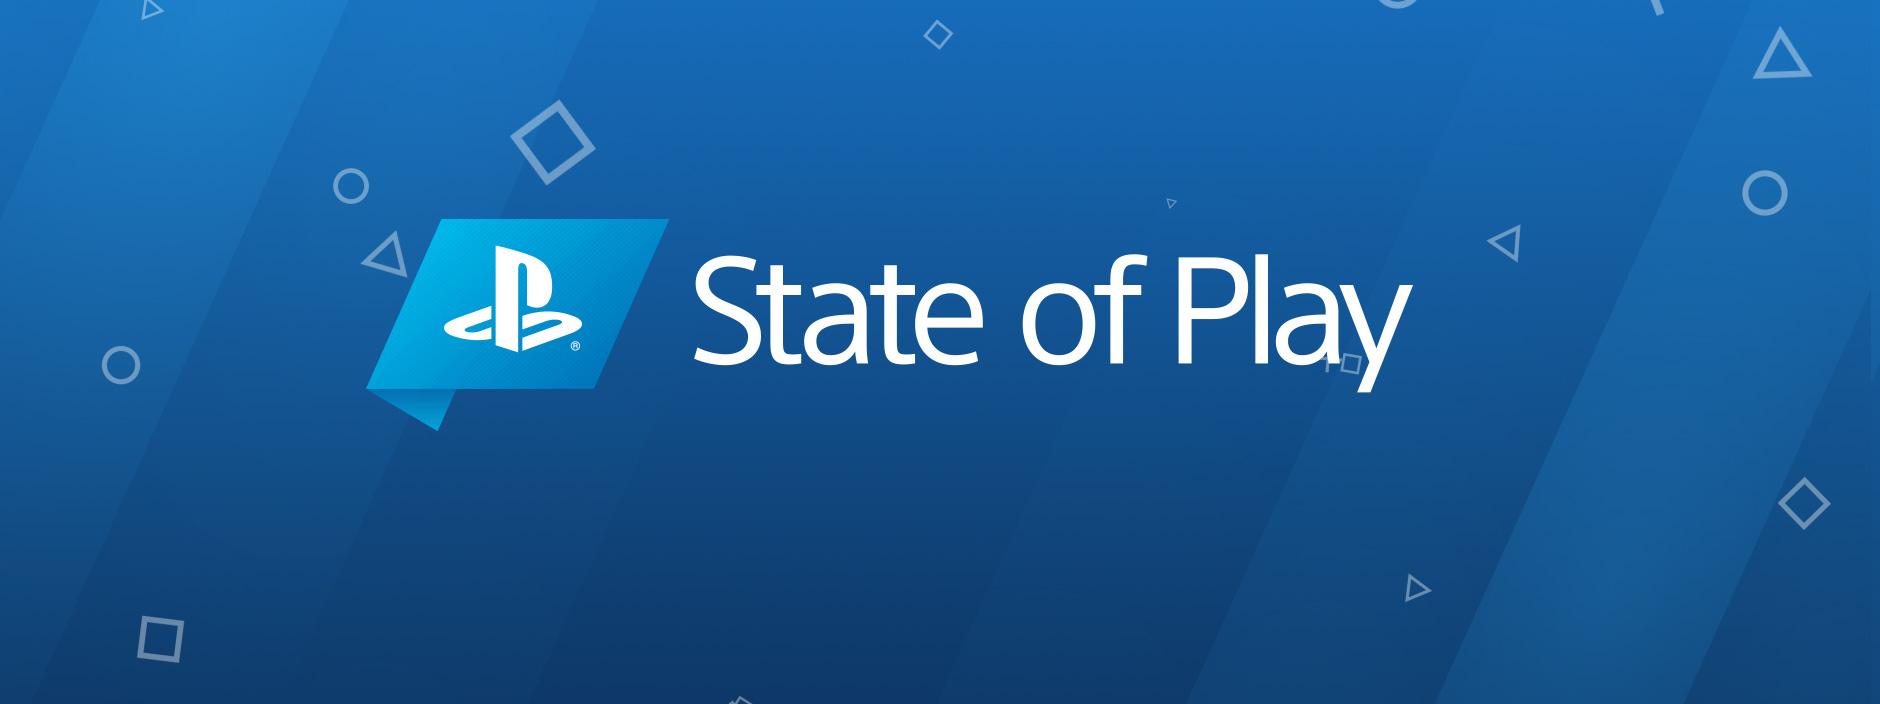 playstation-presenta-state-of-play-parecido-al-evento-nintendo-direct-frikigamers.com